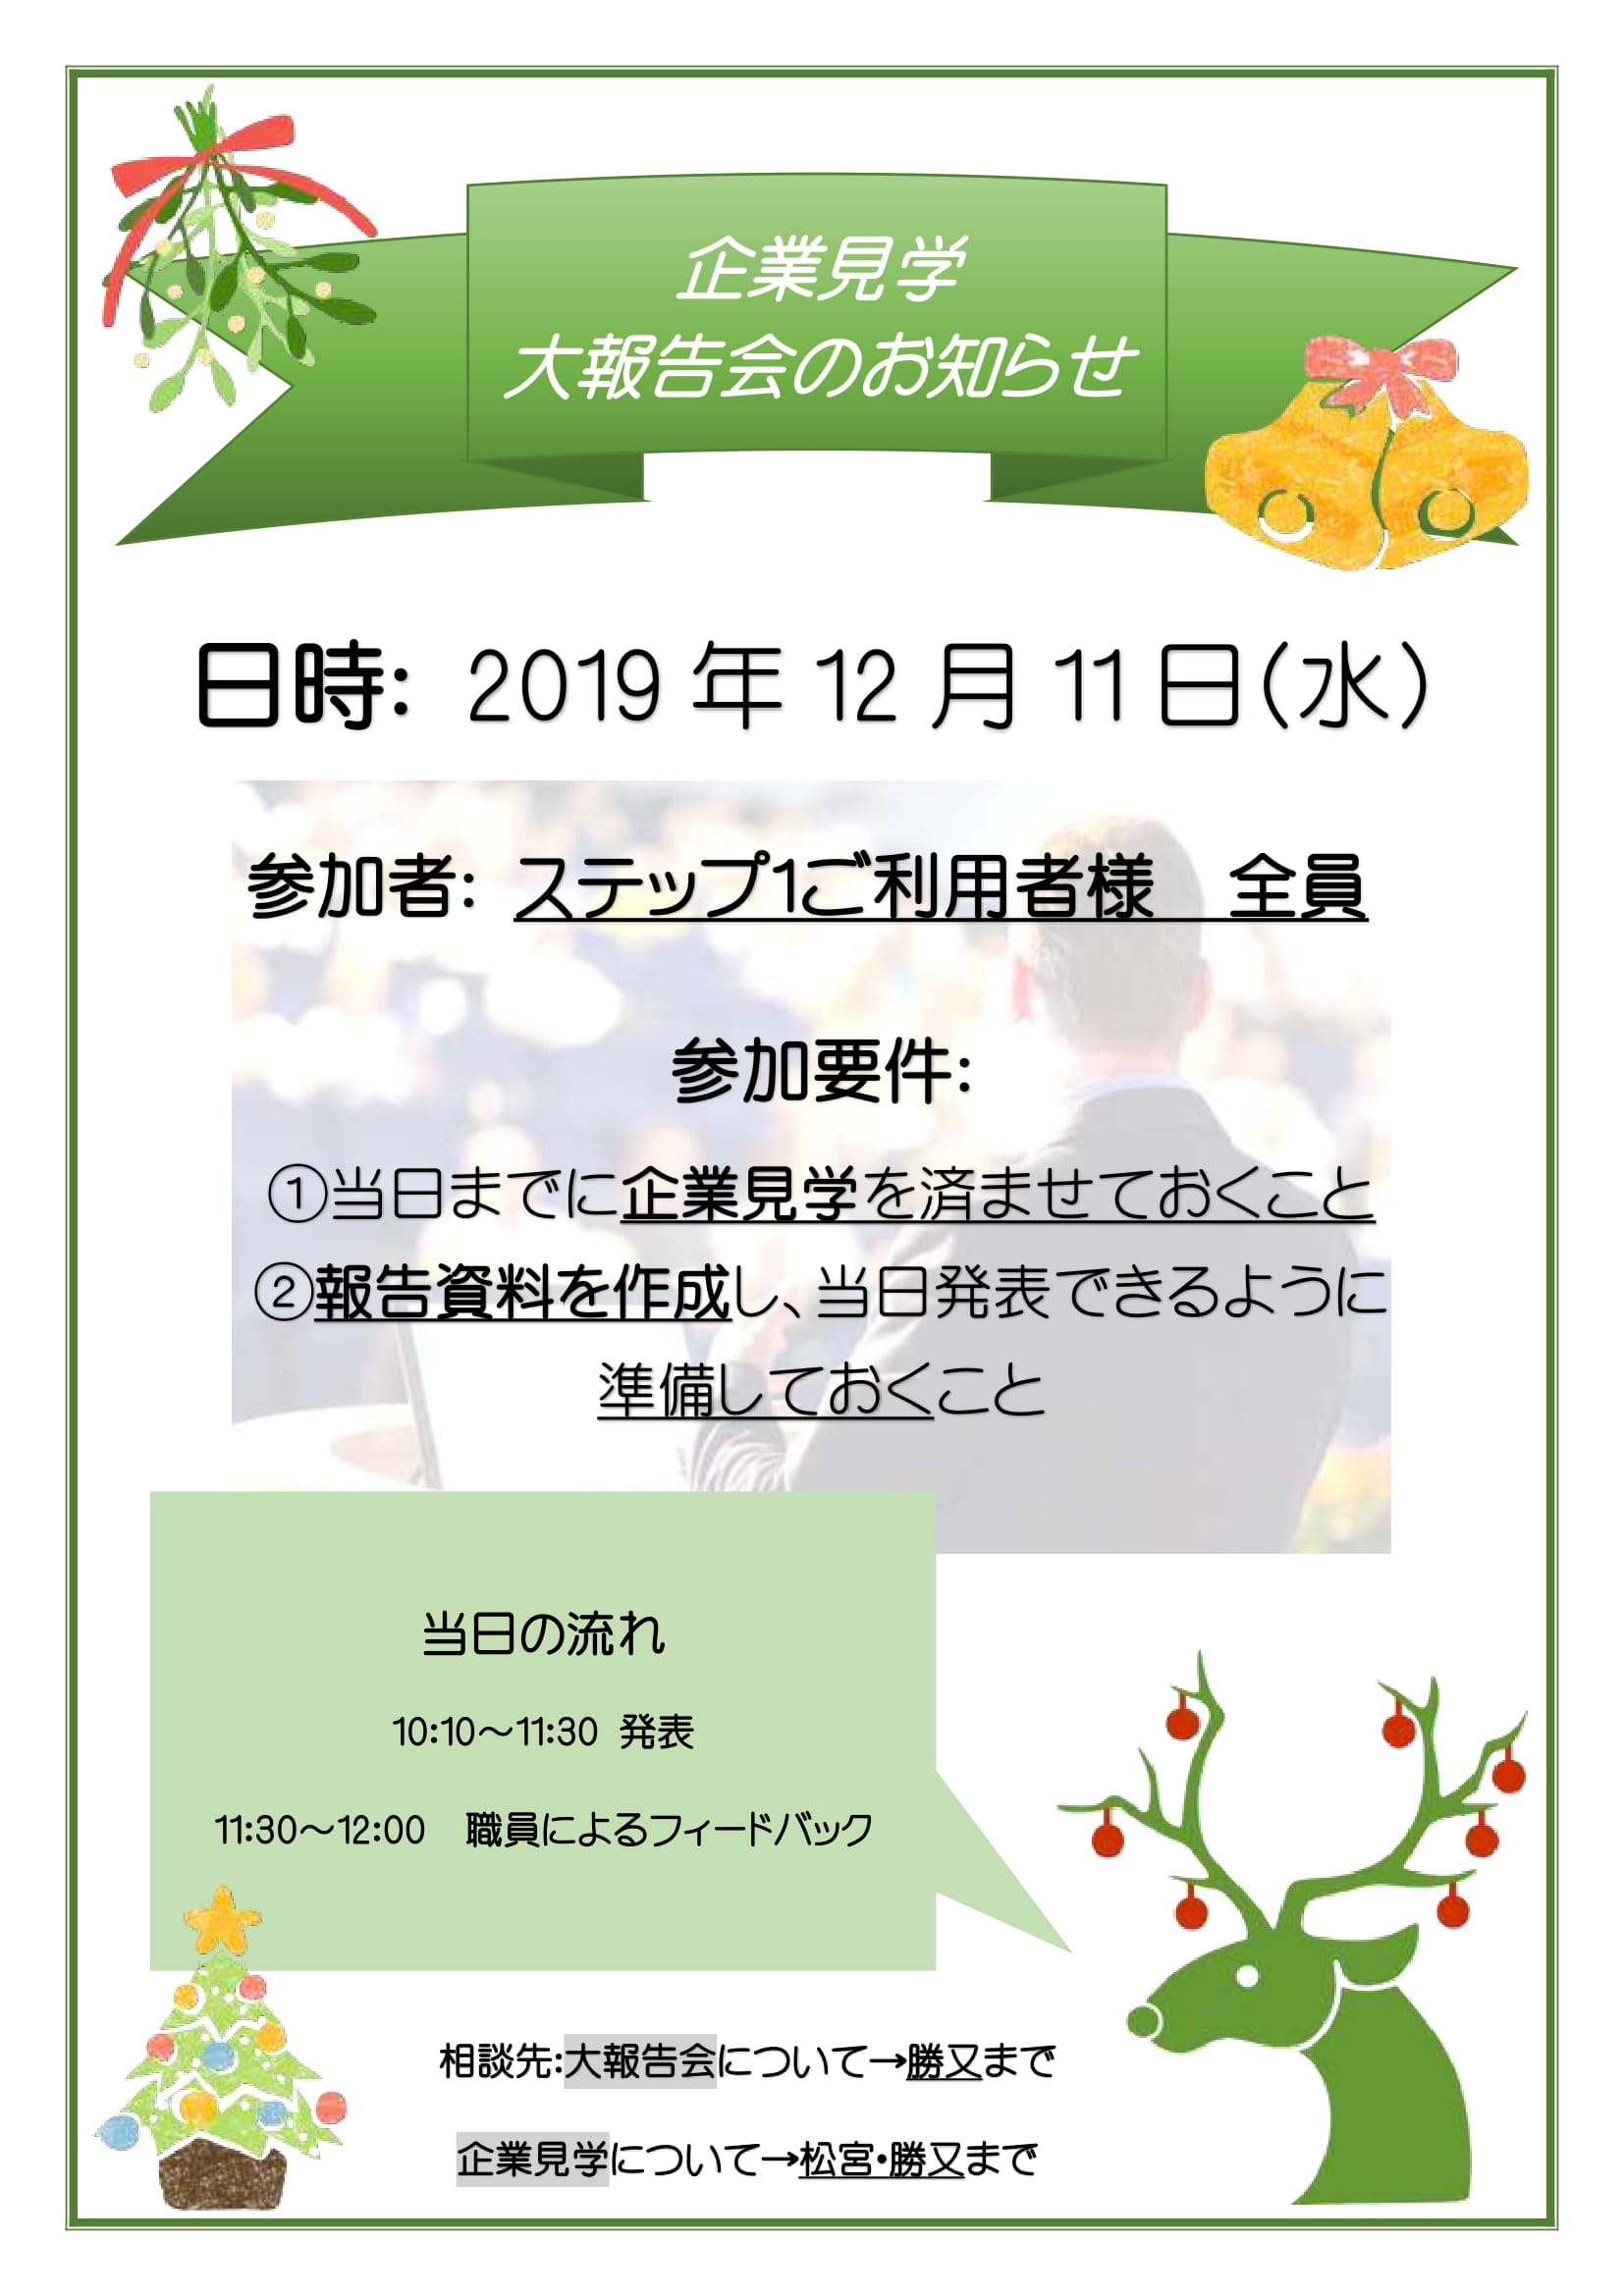 企業見学大報告会(TODAY三鷹)